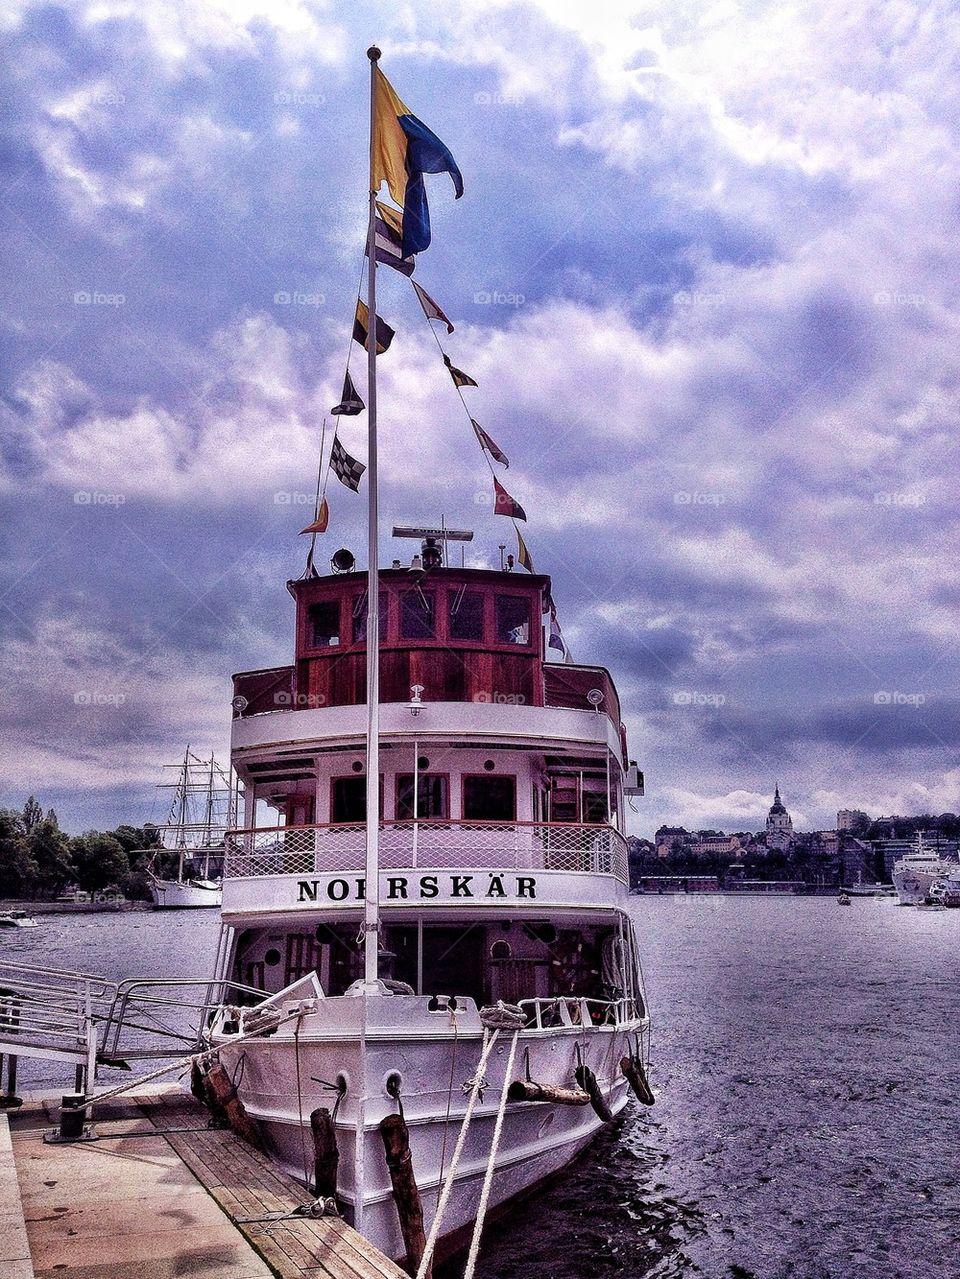 Boat awaiting passangers